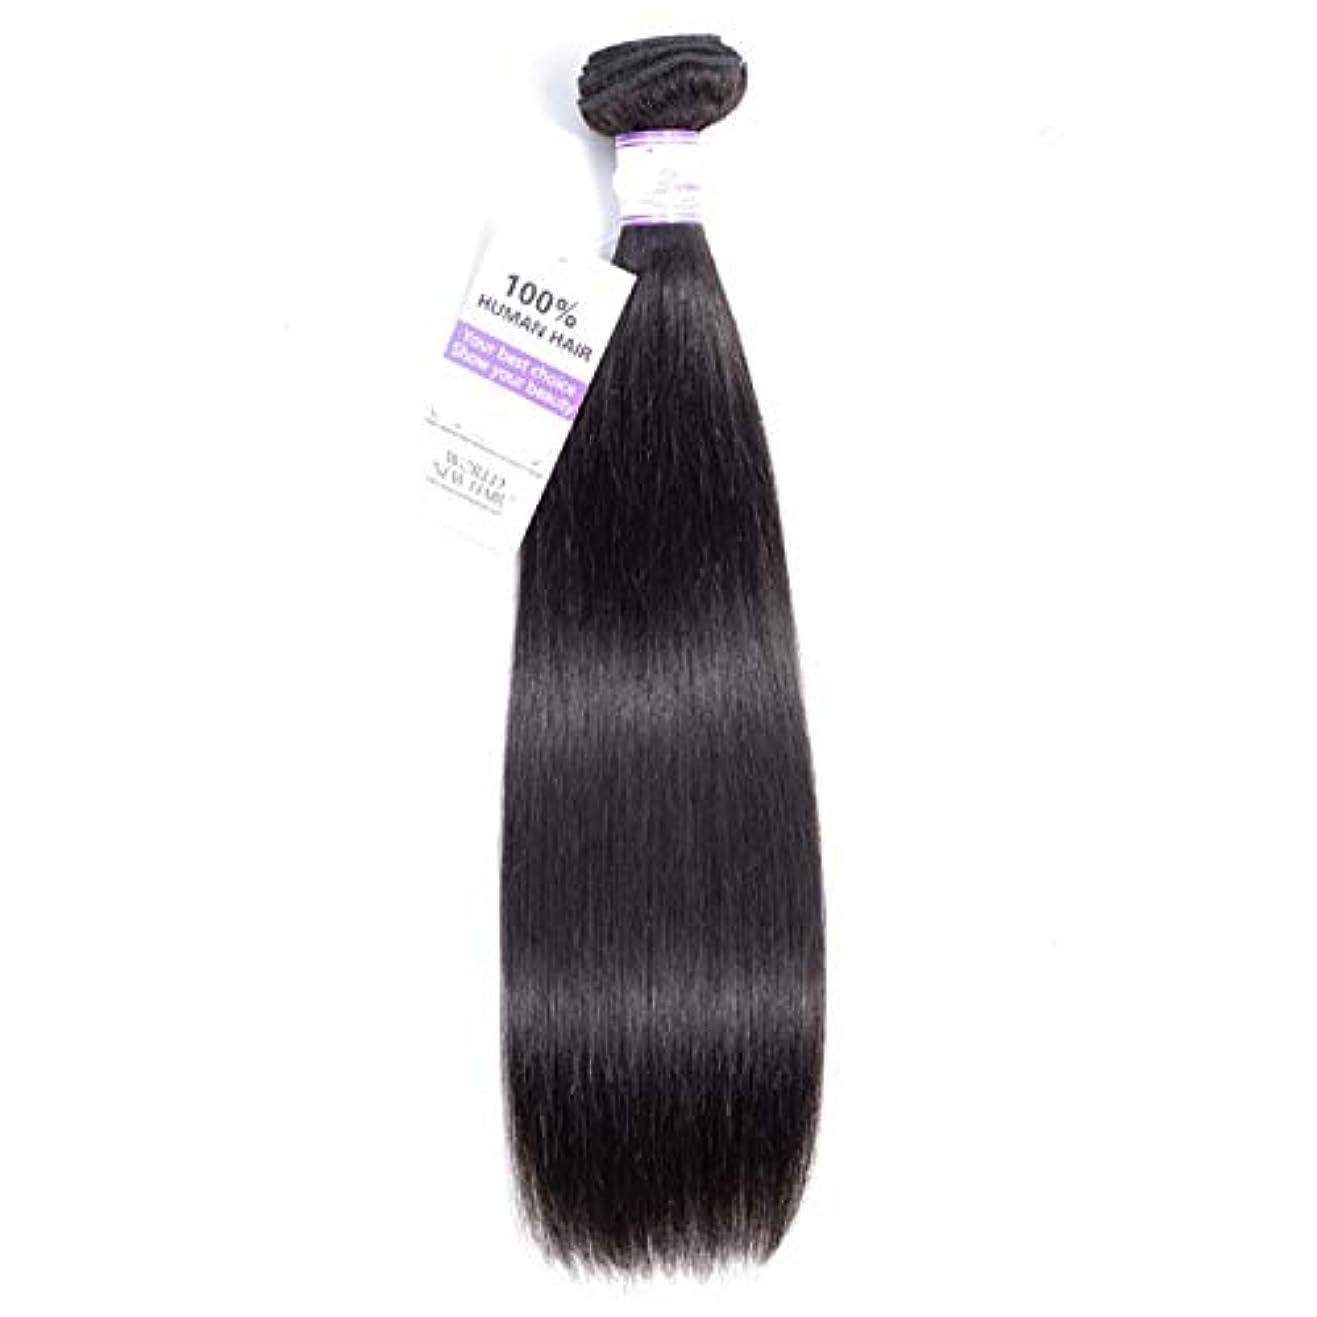 無駄な良さ治すブラジルストレートヘアバンドル8-28インチ100%人毛織りのremy髪ナチュラルカラー1ピース髪織り (Stretched Length : 22inches)